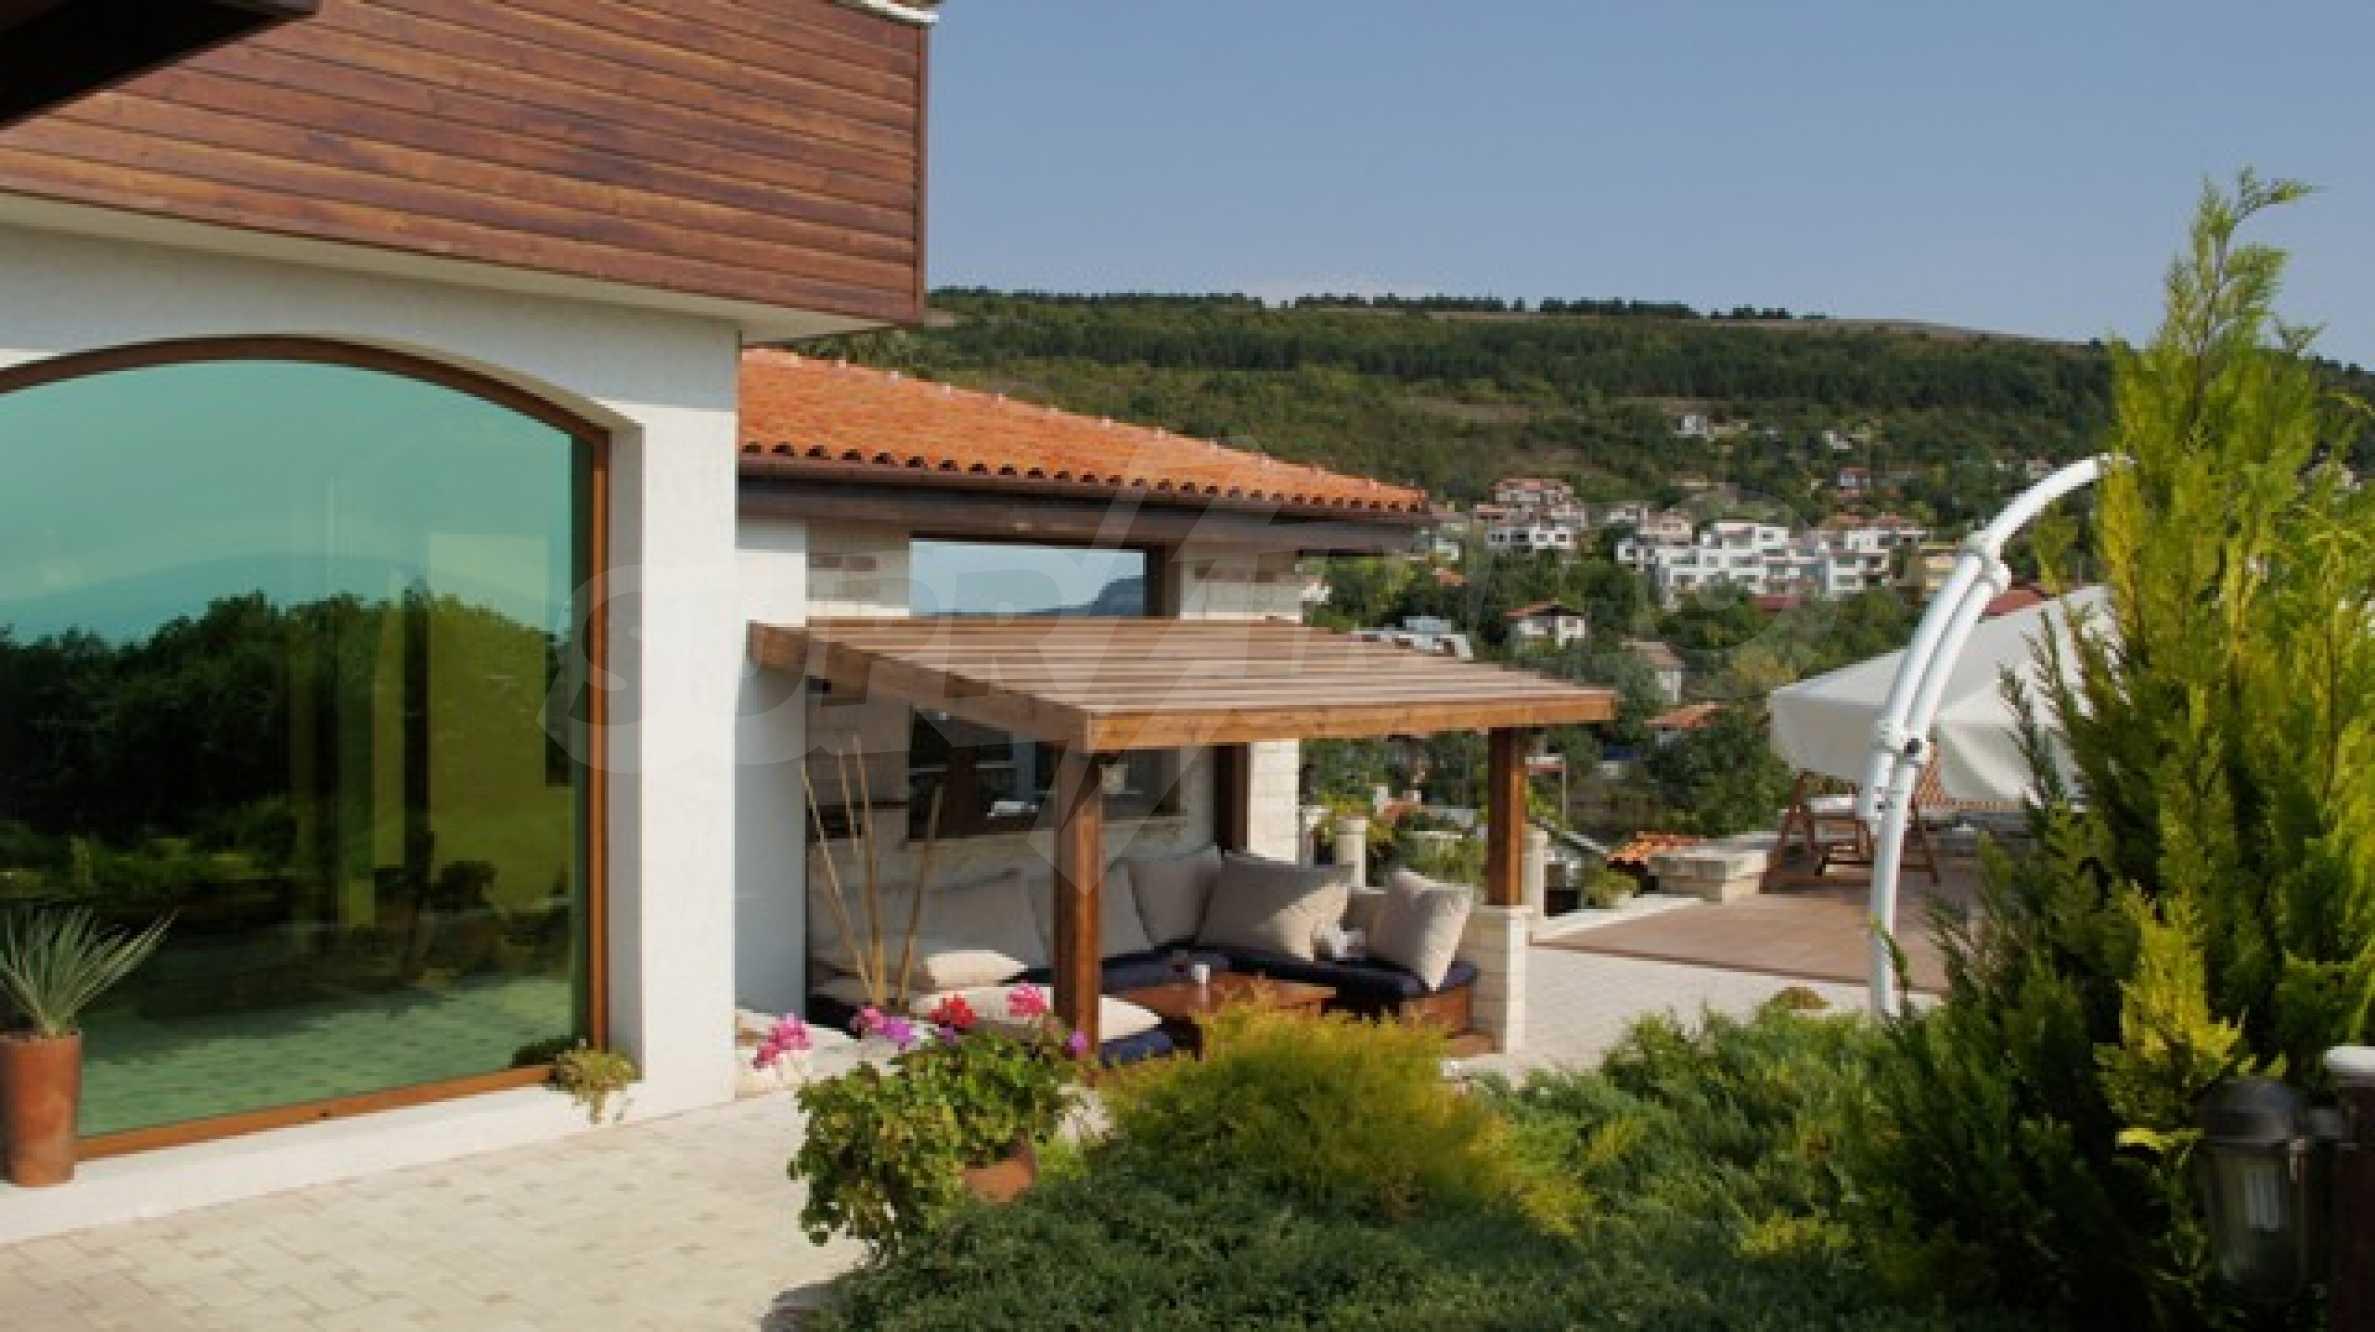 Mediterraner Stil - Luxus zum Sonderpreis 23